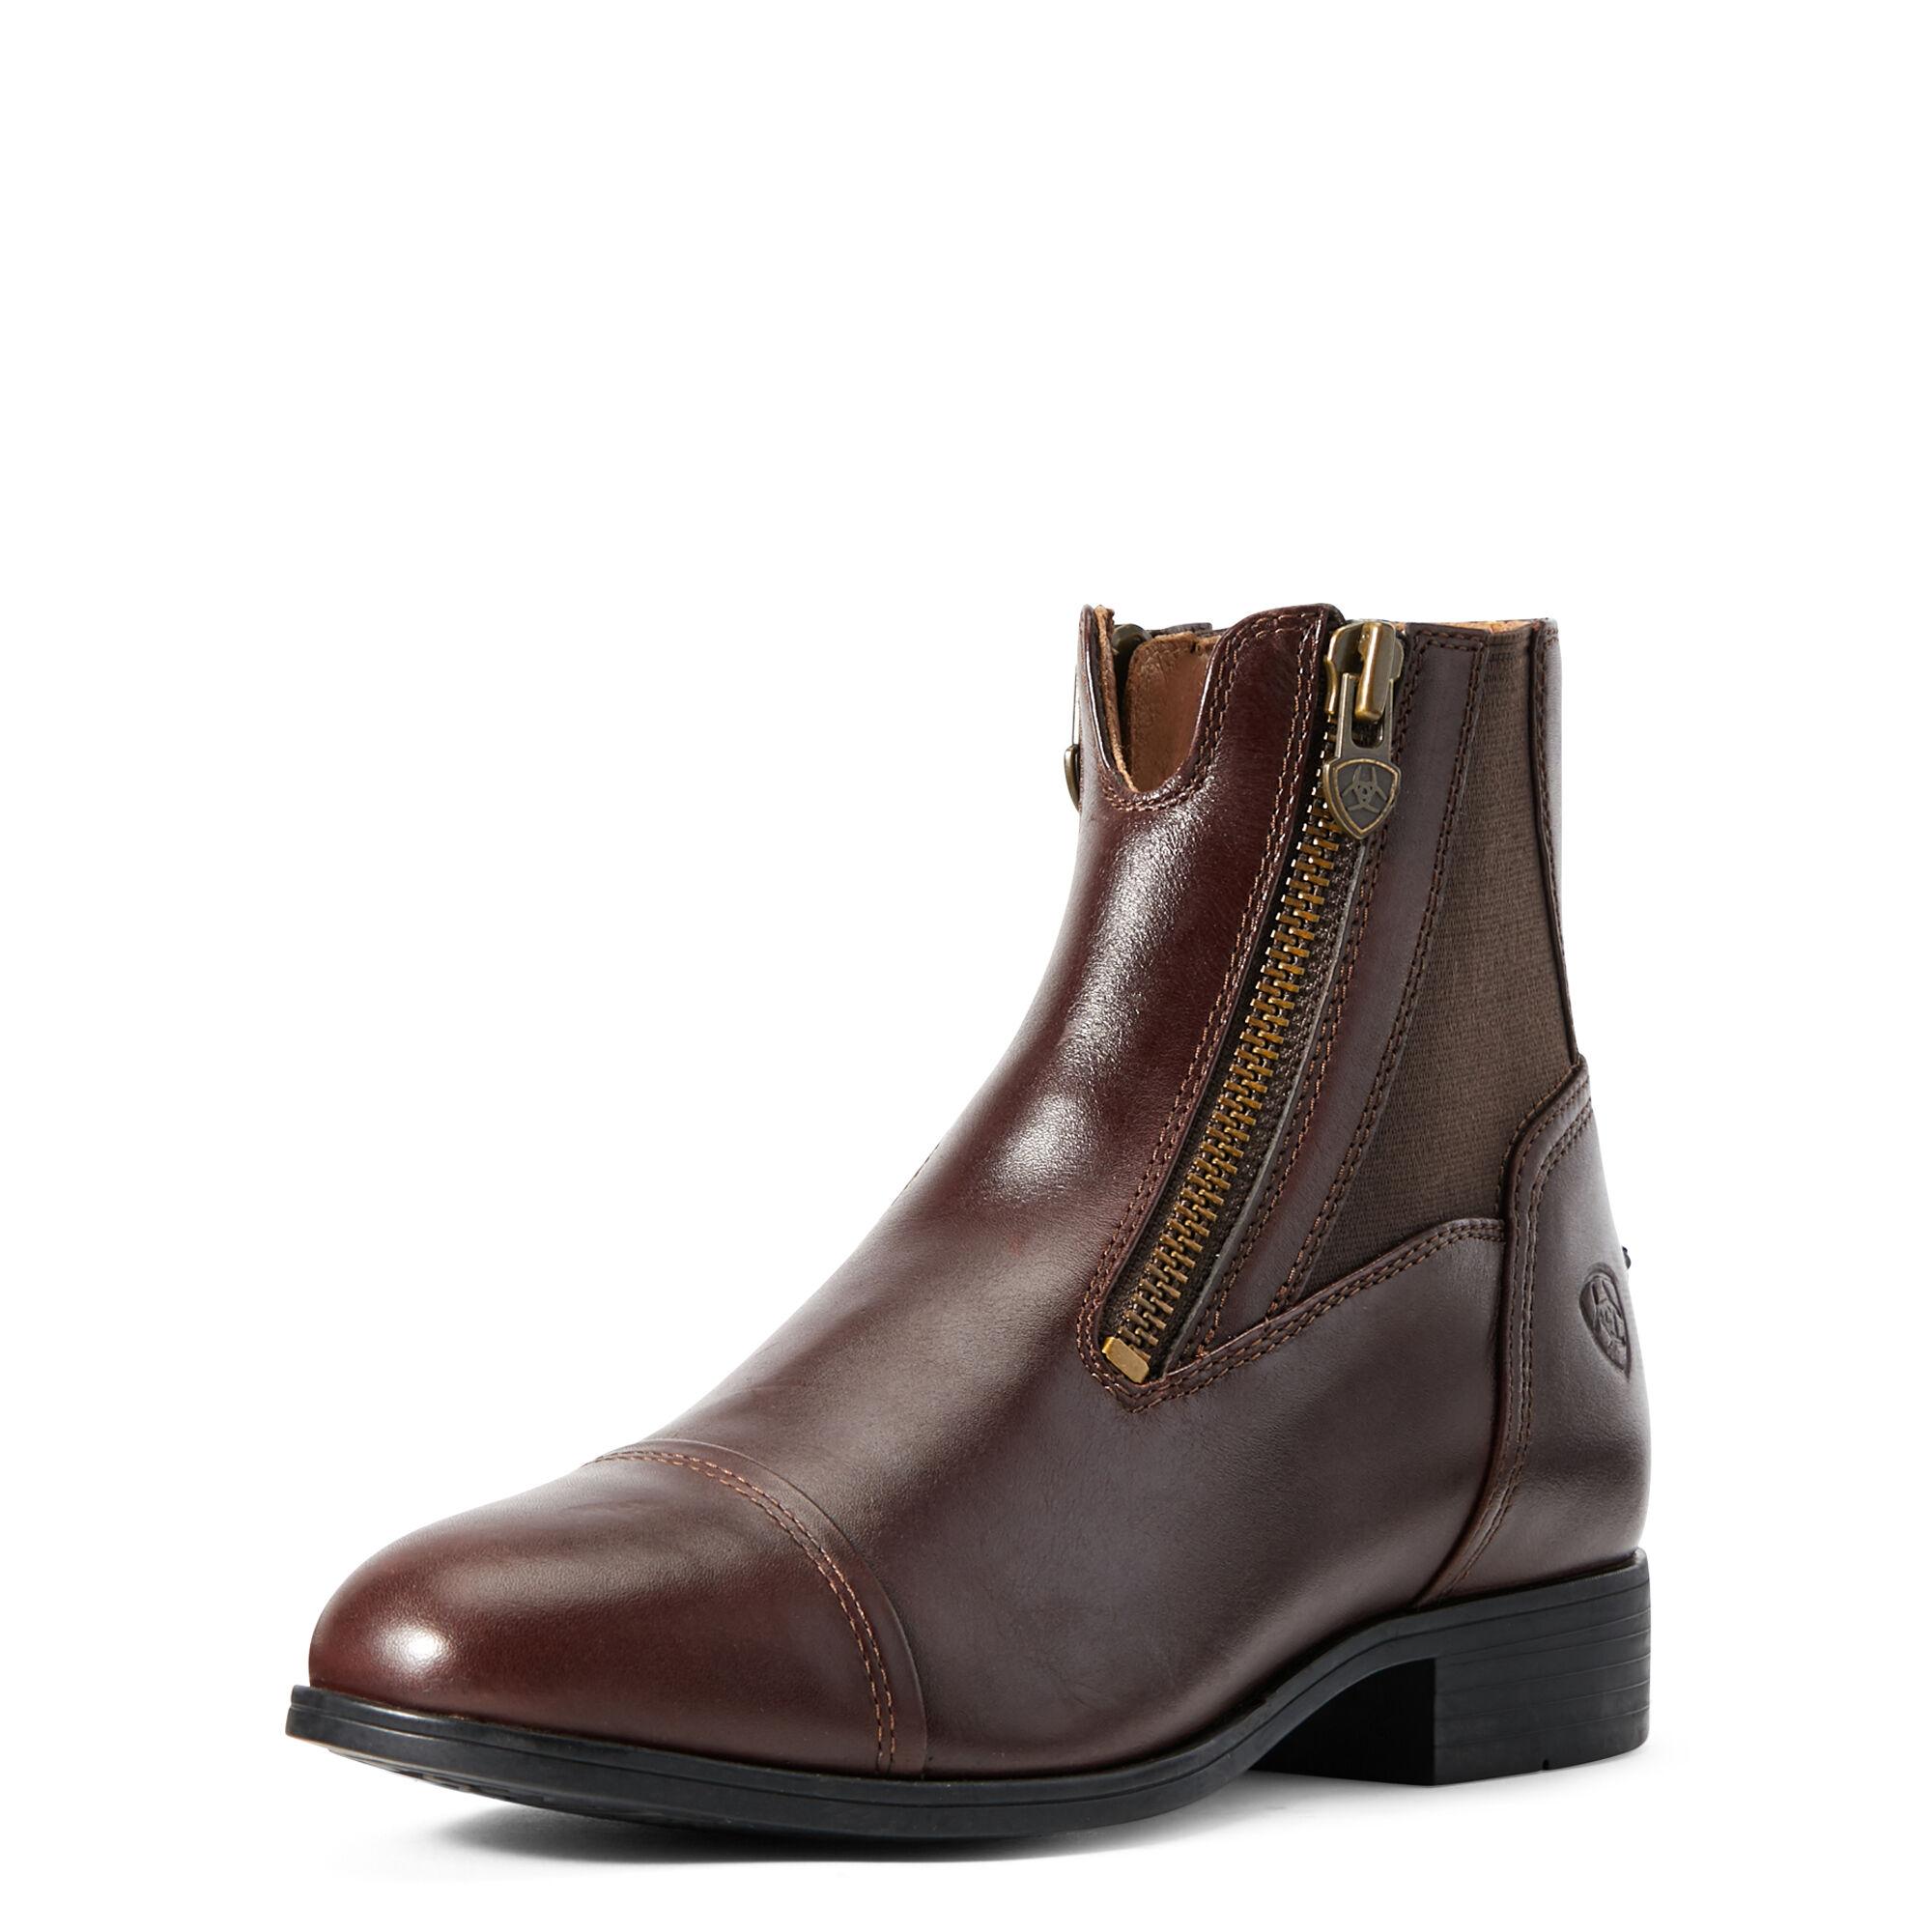 Schuhe Schuhe Für Und Reitstiefel Und DamenAriat Und DamenAriat Reitstiefel Reitstiefel Für deBCxo